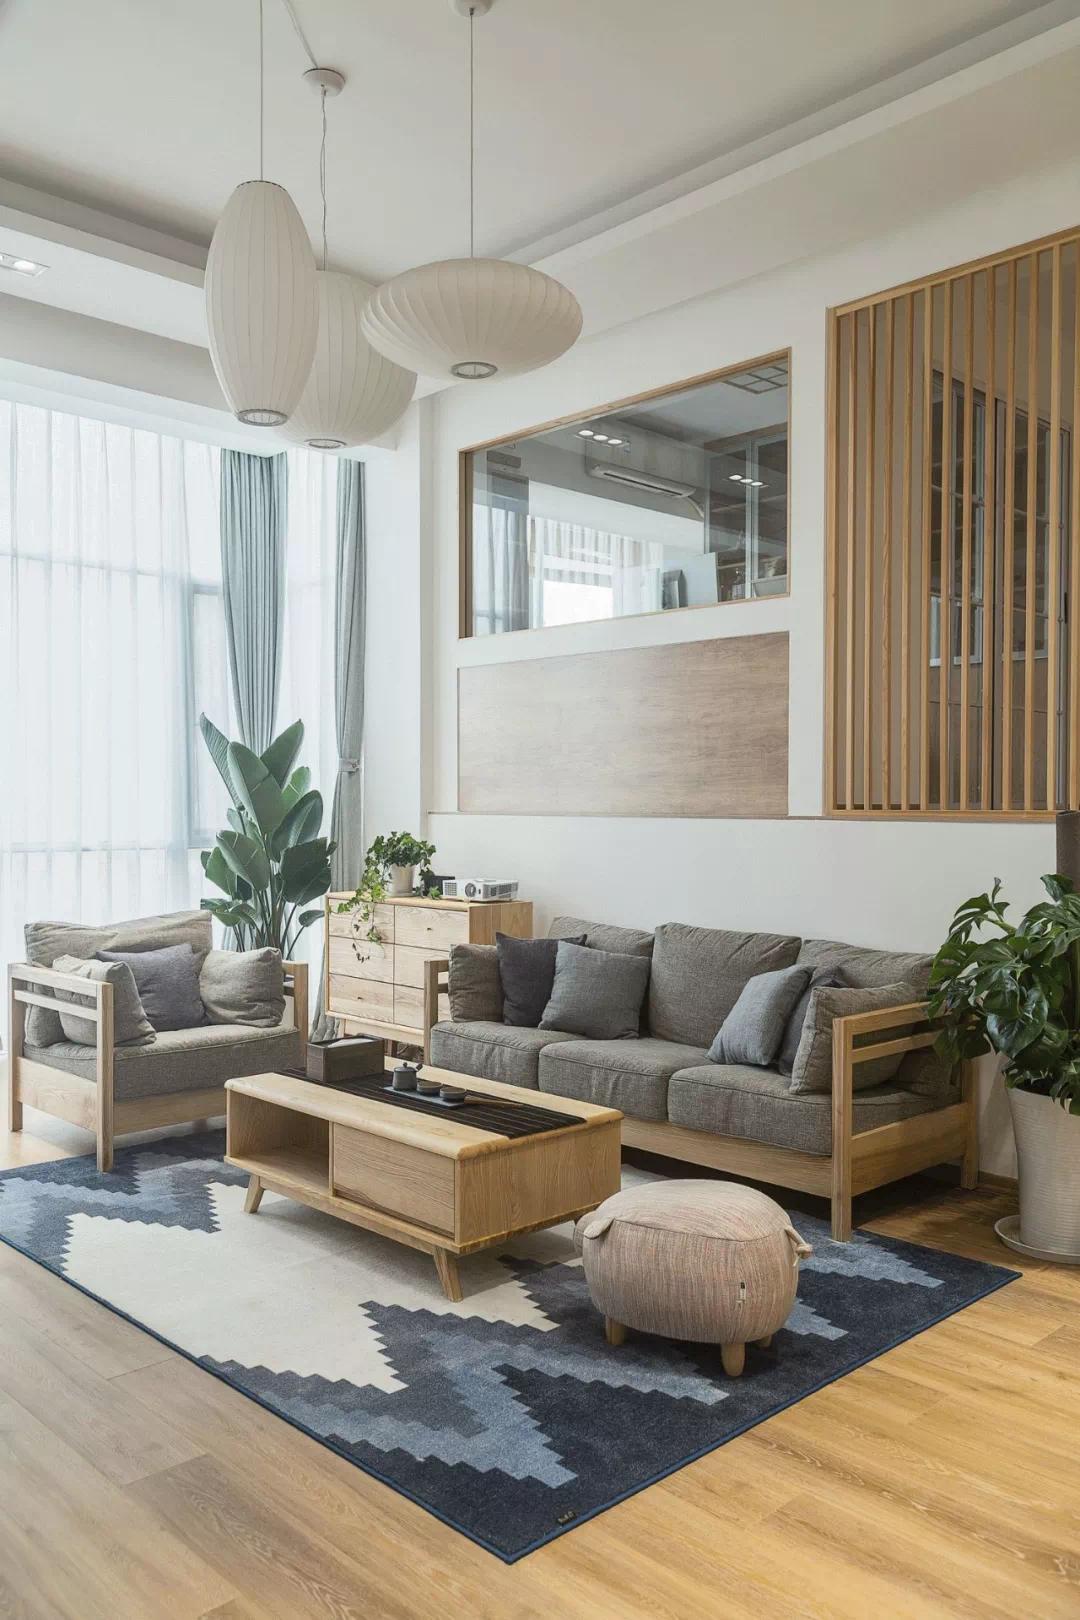 自然、舒适、简约、实用,把住宅做到了极致的日式风格 日式 软装 第17张